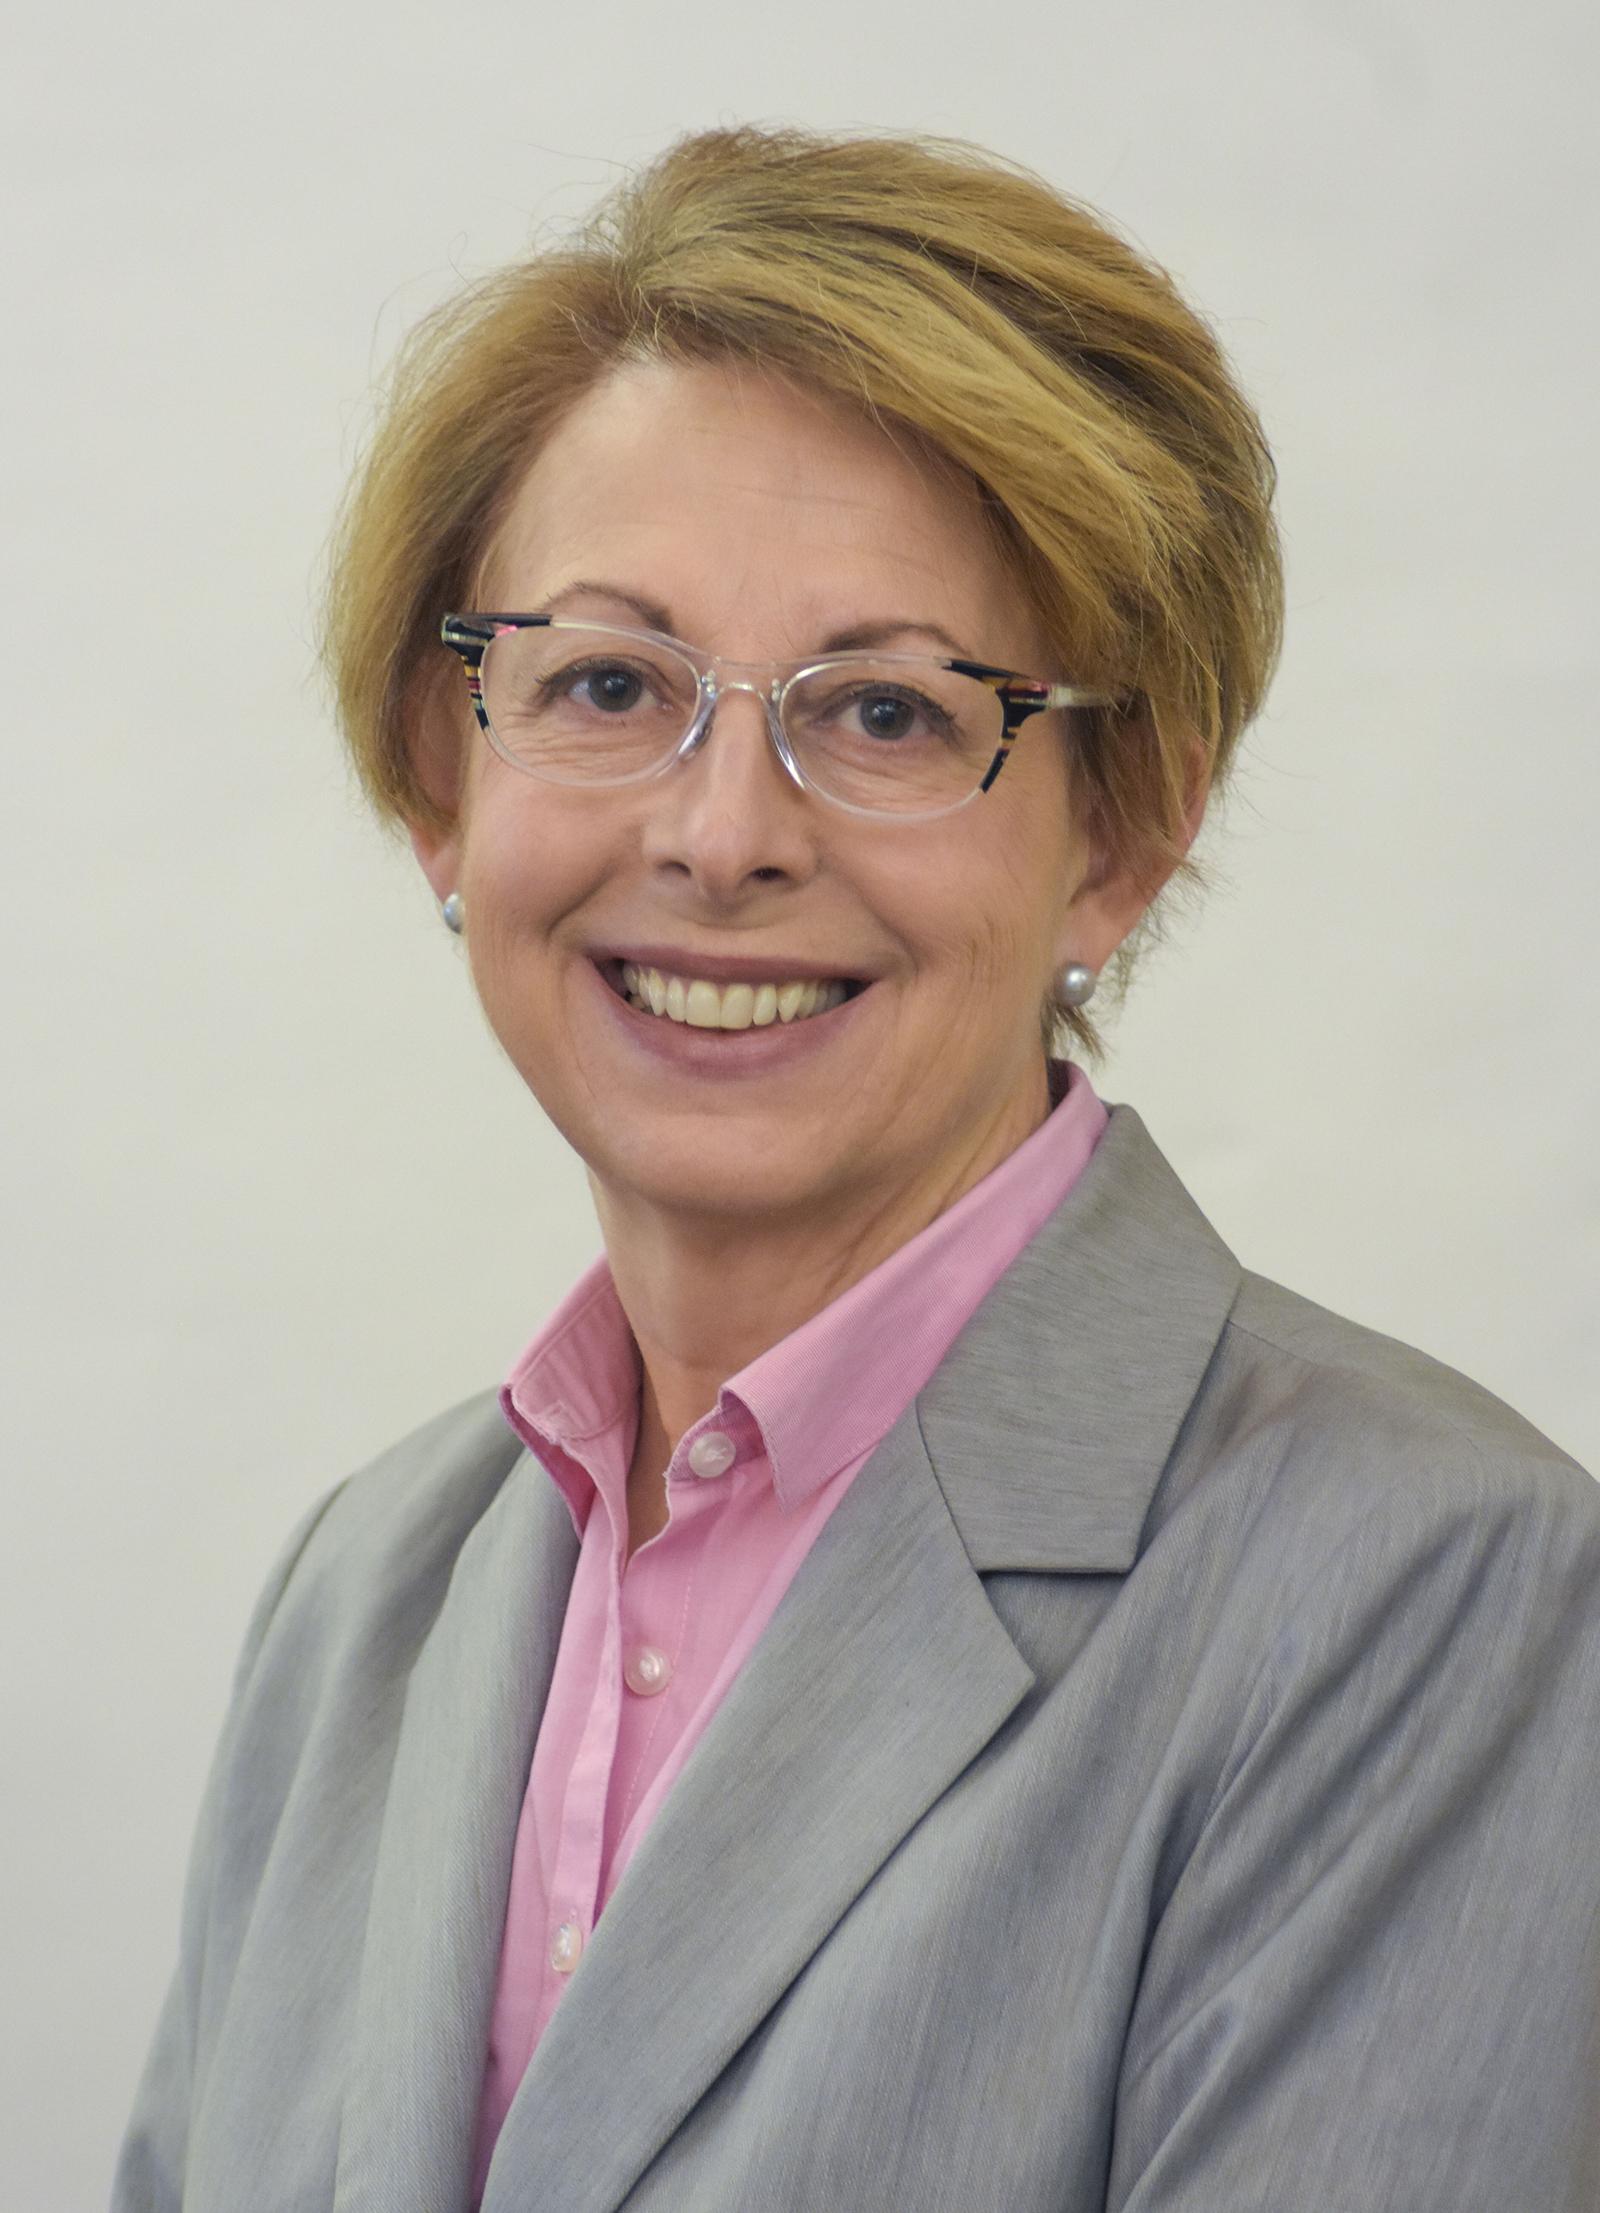 Caroline Wagner keynote speaker SciTS 2020